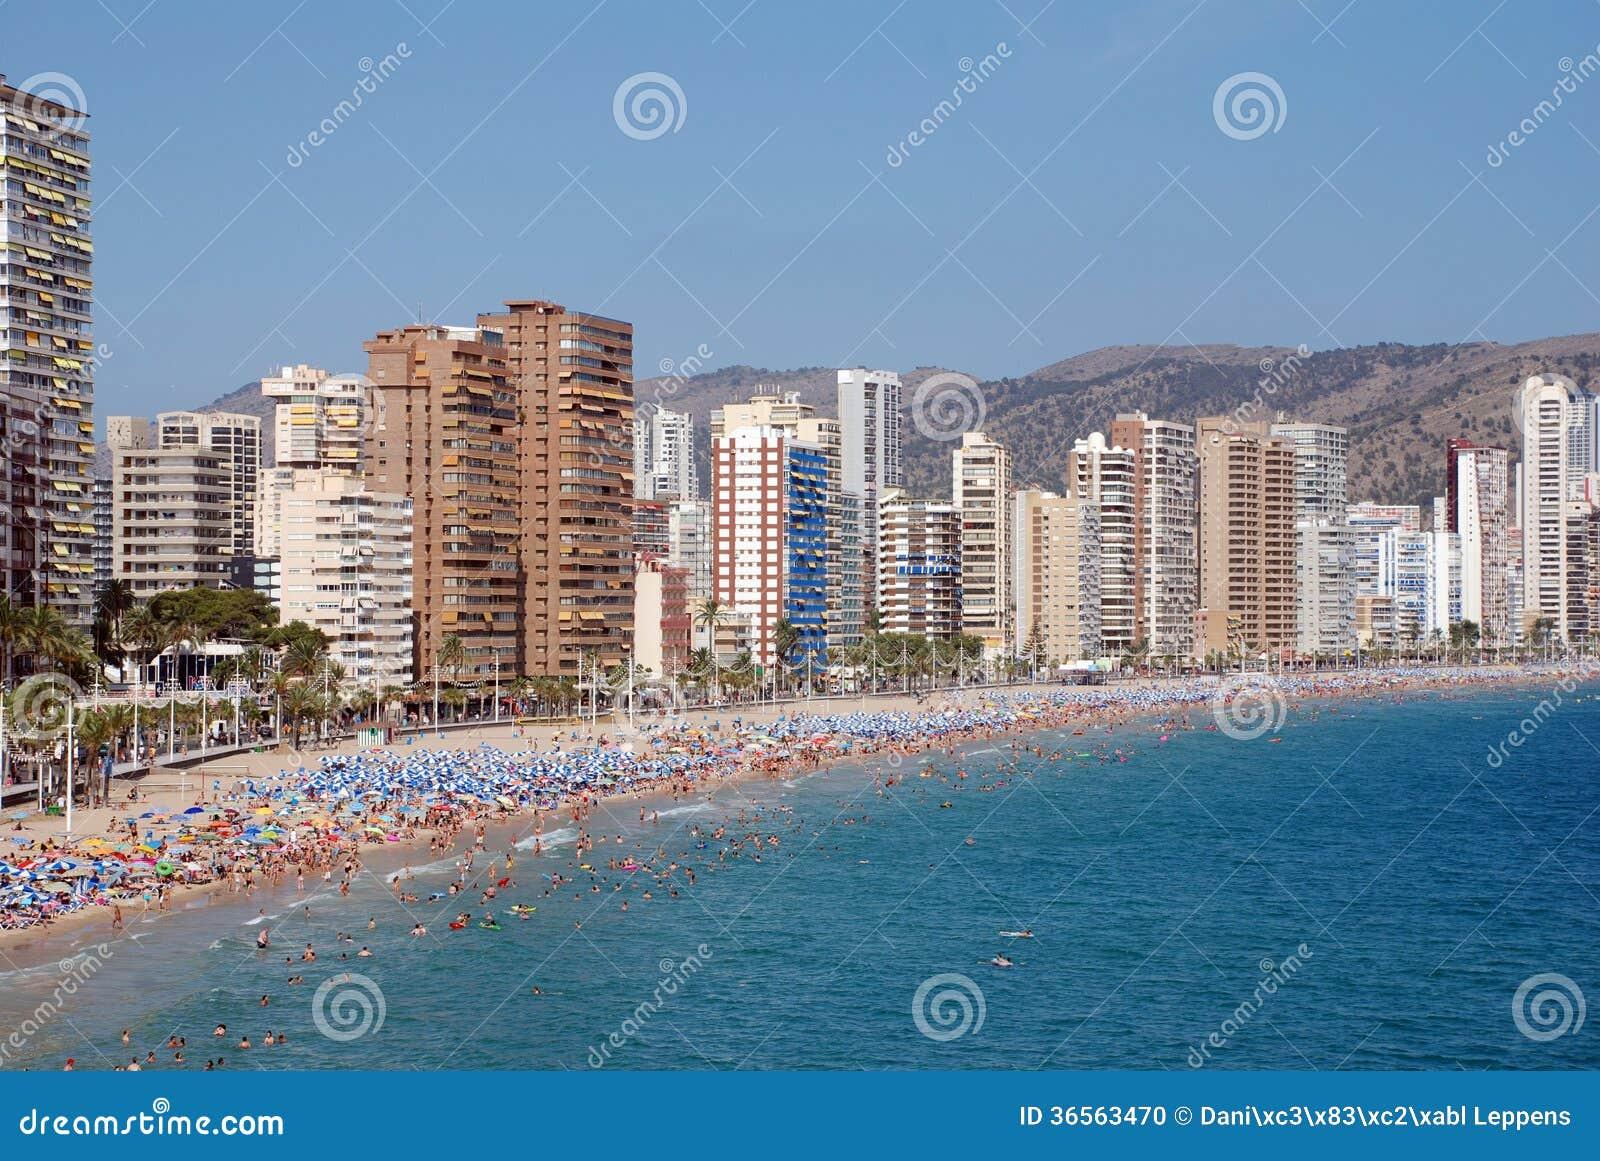 Benidorm - Costa Blanca Spain  city photos gallery : The city Benidorm on the Costa Blanca Spain .